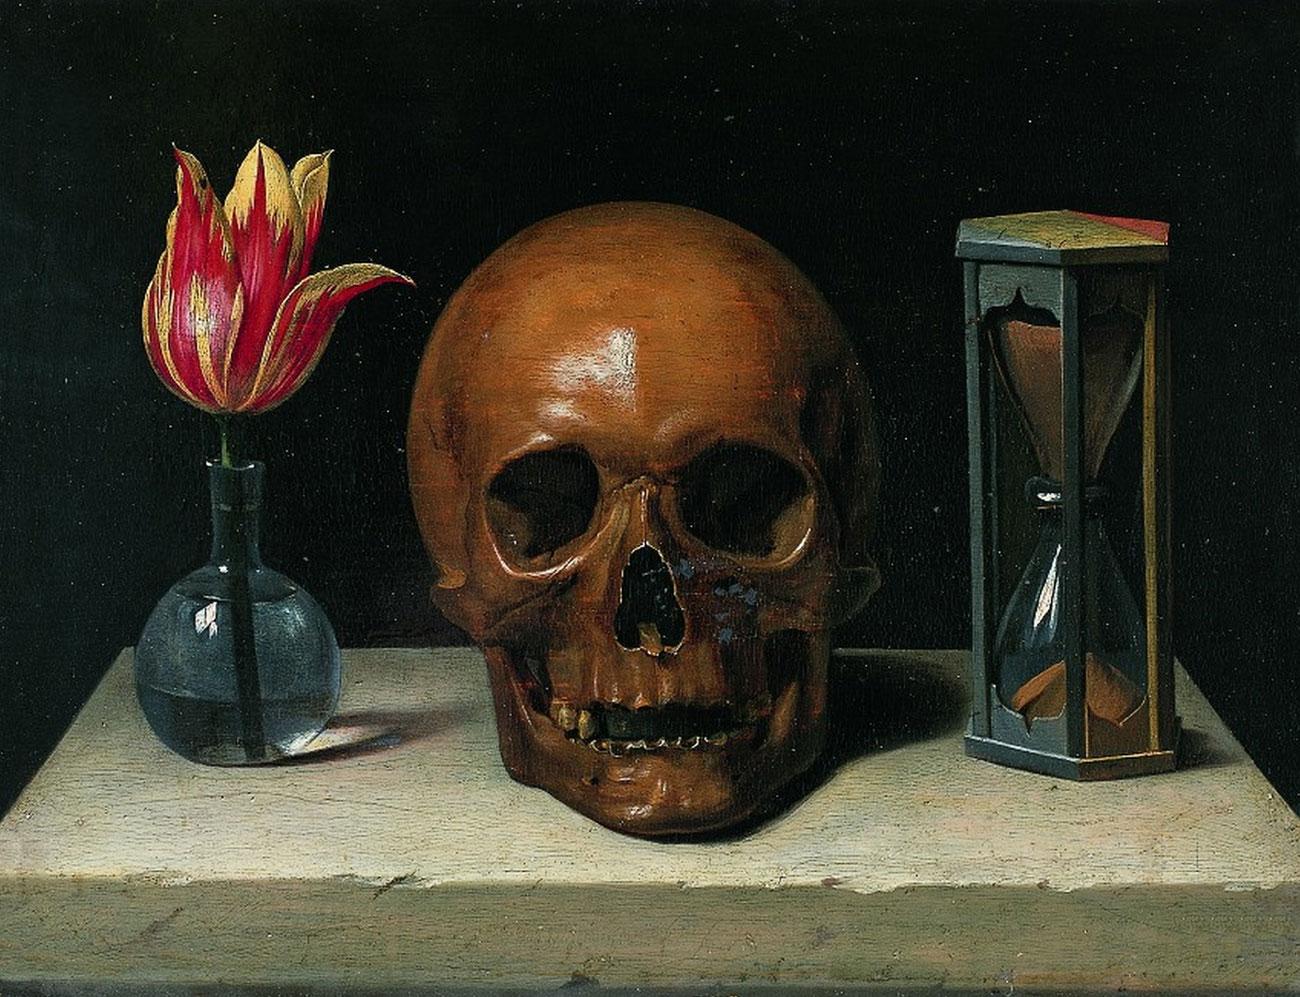 Sill life with a Skull / Philippe de Champaigne